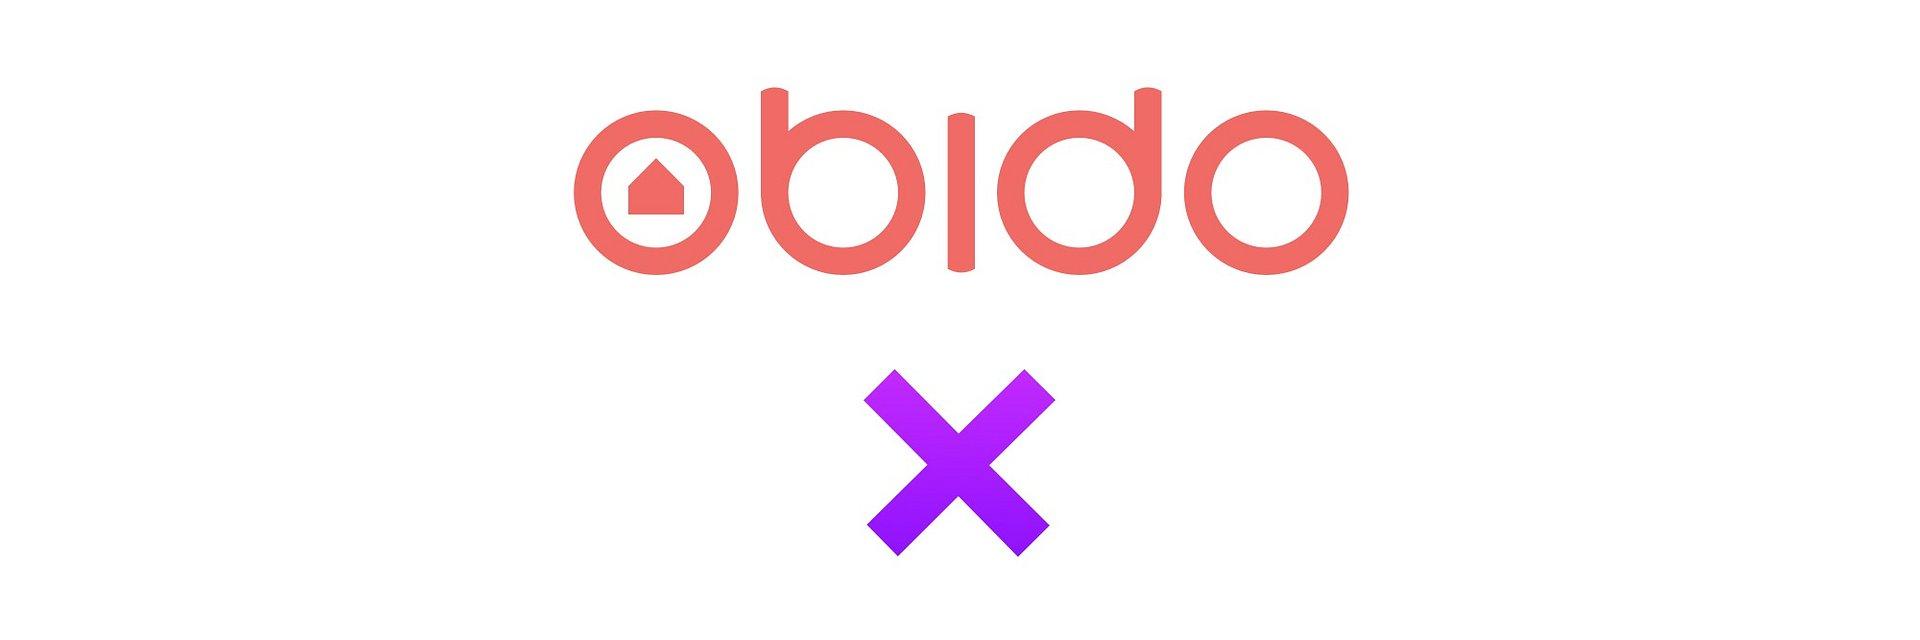 Premiera obido X zbliża się wielkimi krokami